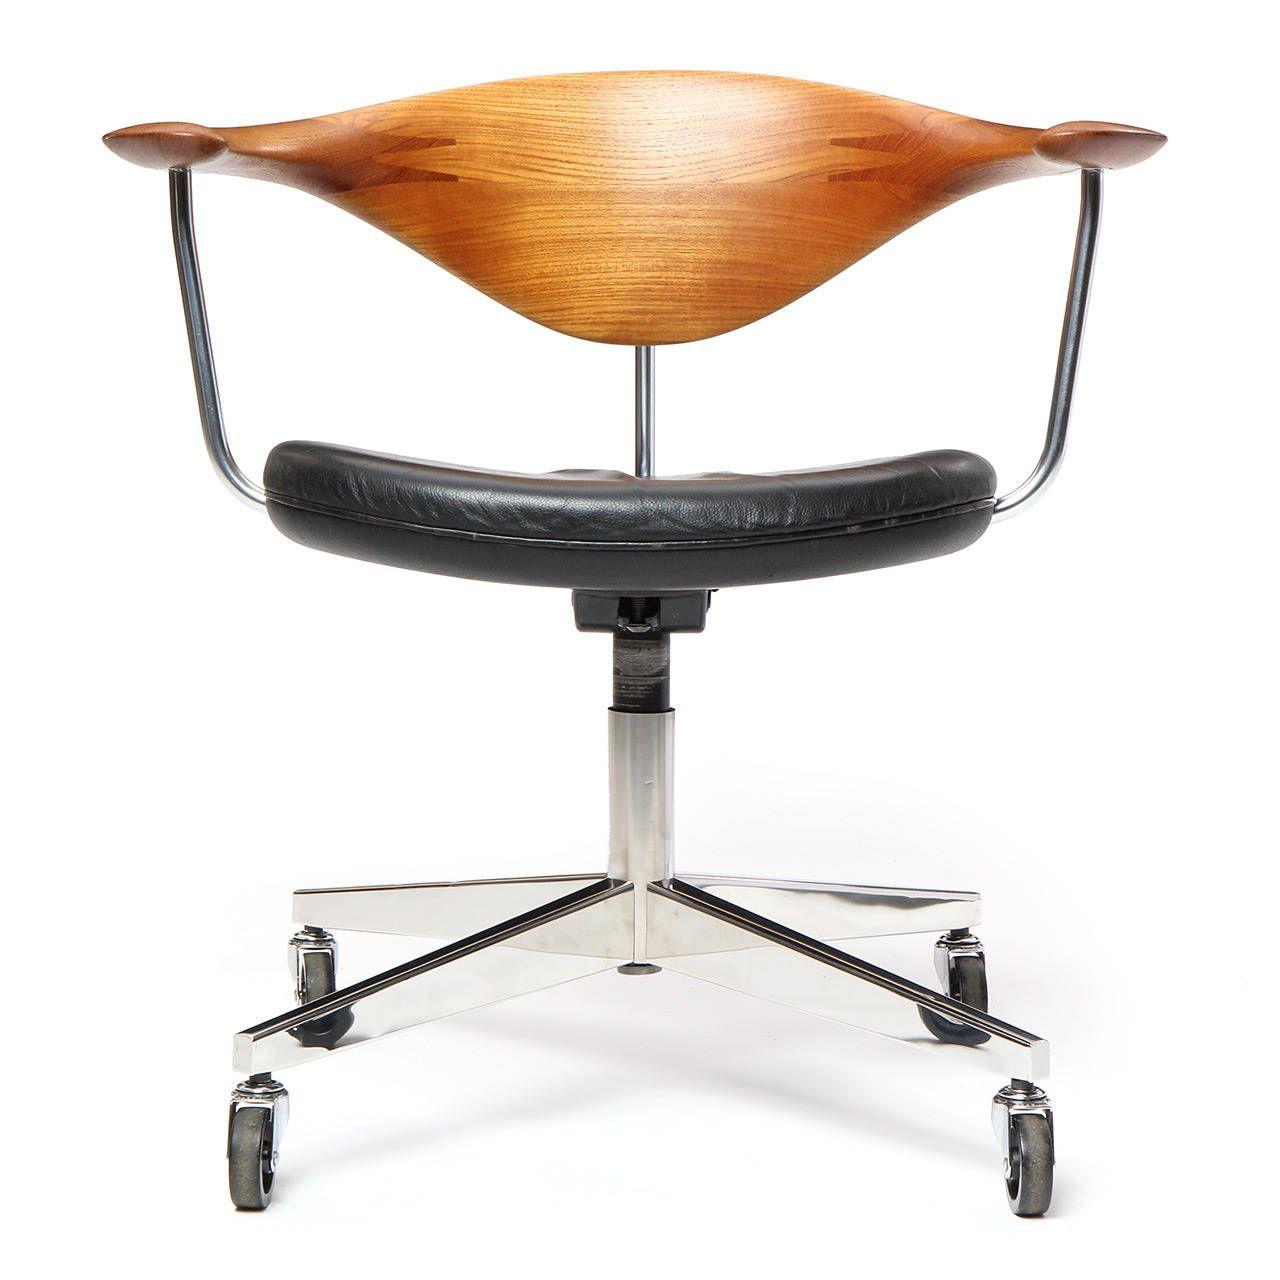 Swivel Chair by Hans J. Wegner image 2